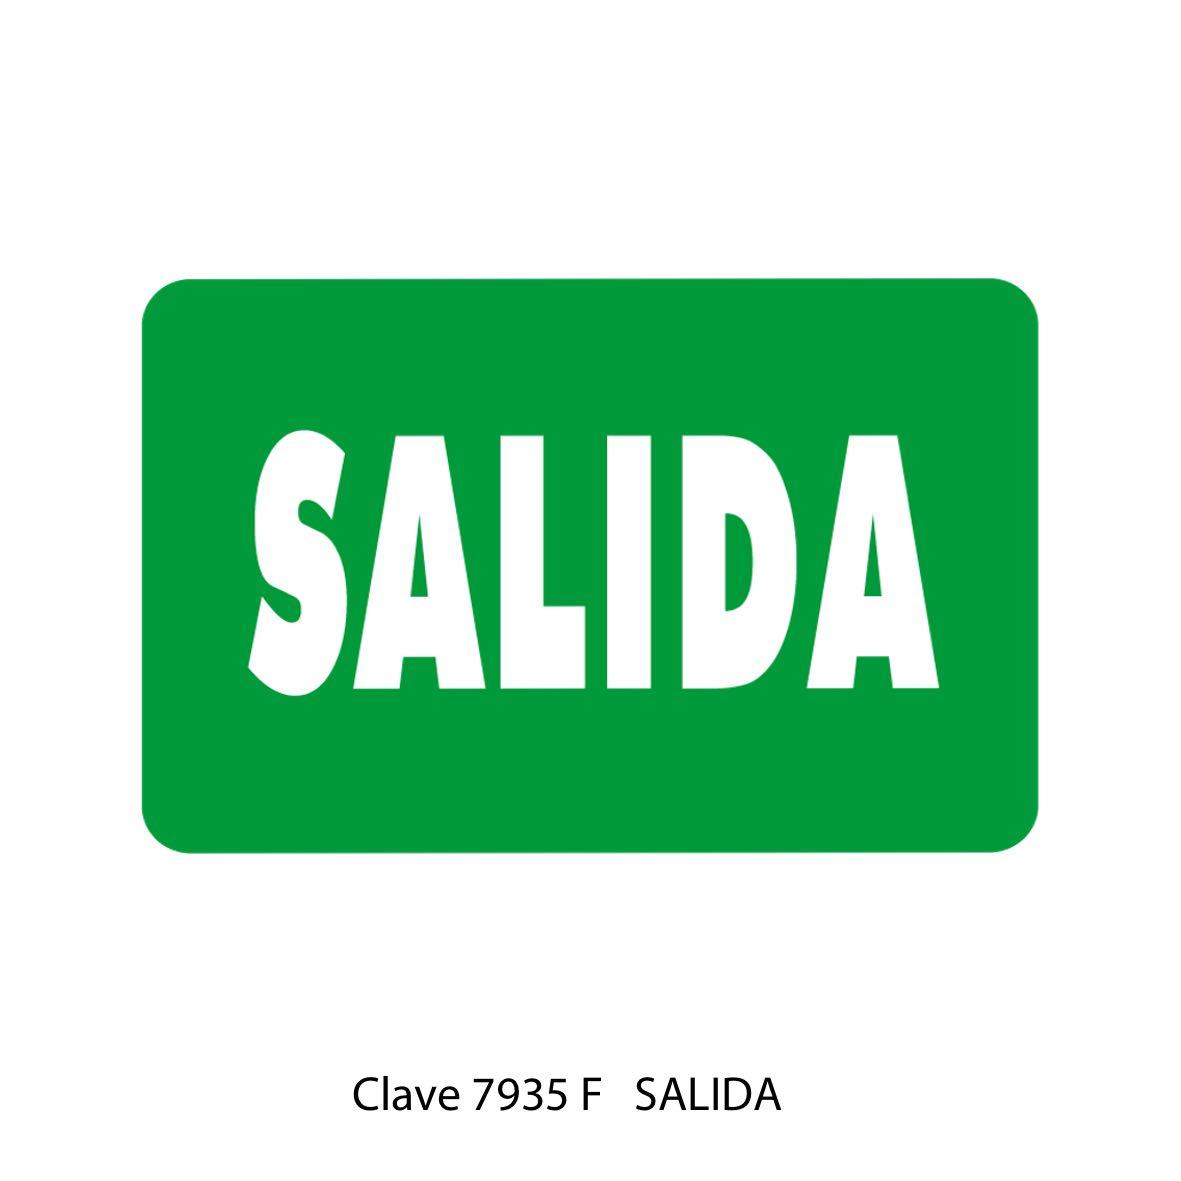 Señal Salida Modelo 7935 F - Sablón